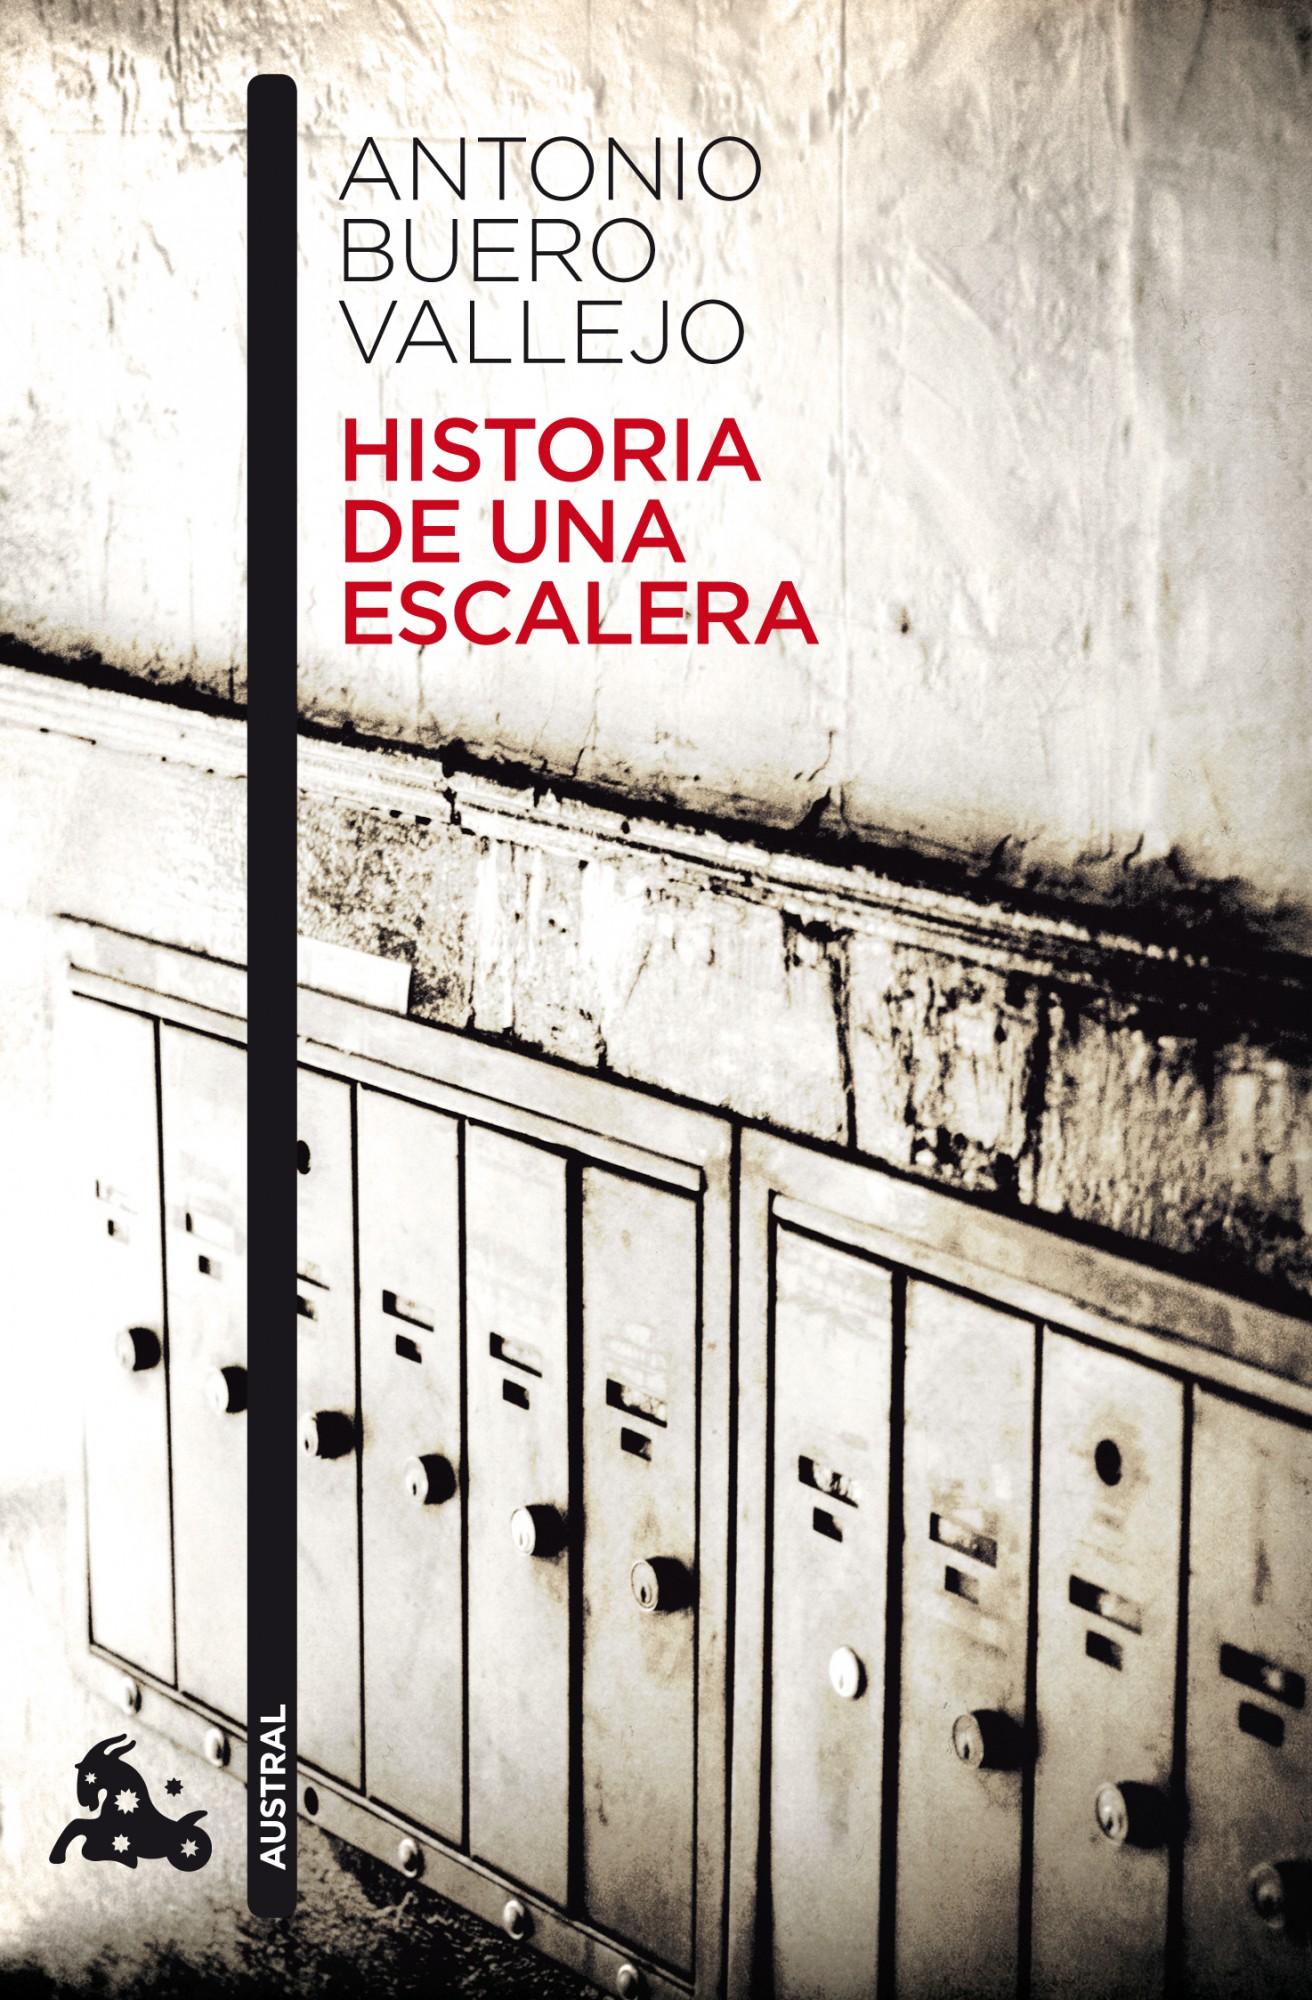 Resultado de imagen de HISTORIA ESCALERA BUERO